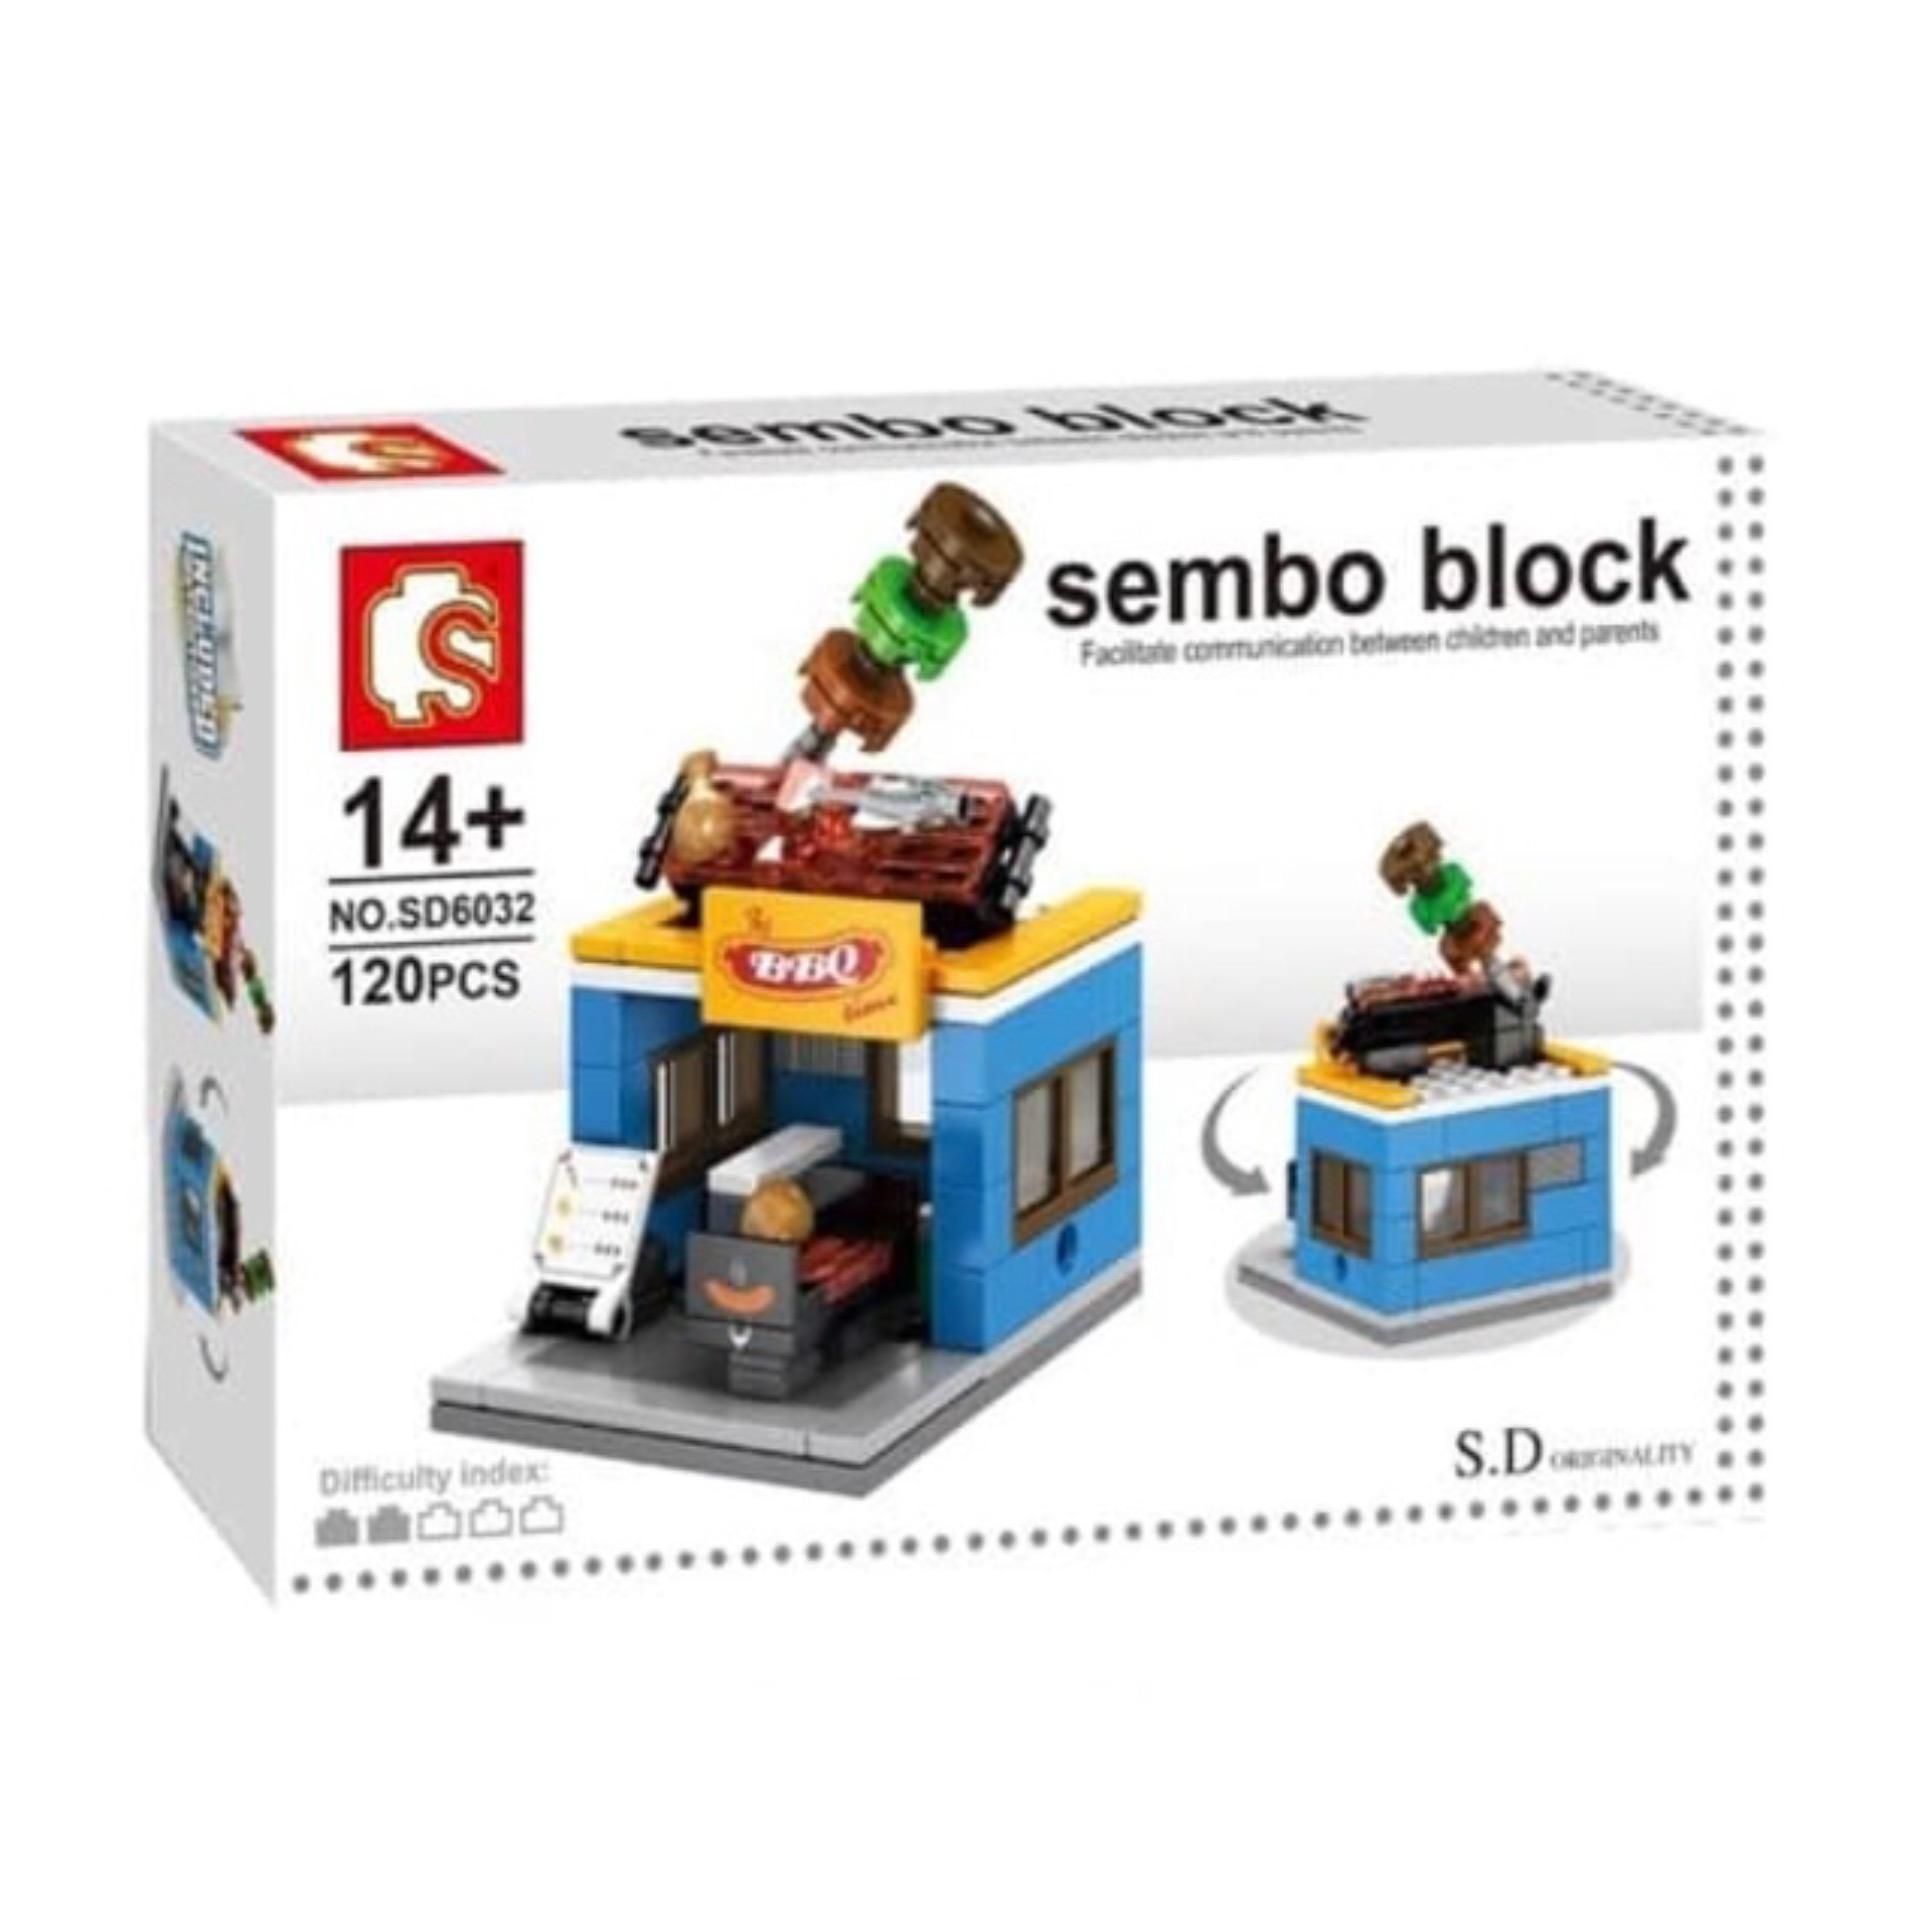 Online murah Mainan Edukasi anak Lego sembo Blocks SD6032 BBQ ... on